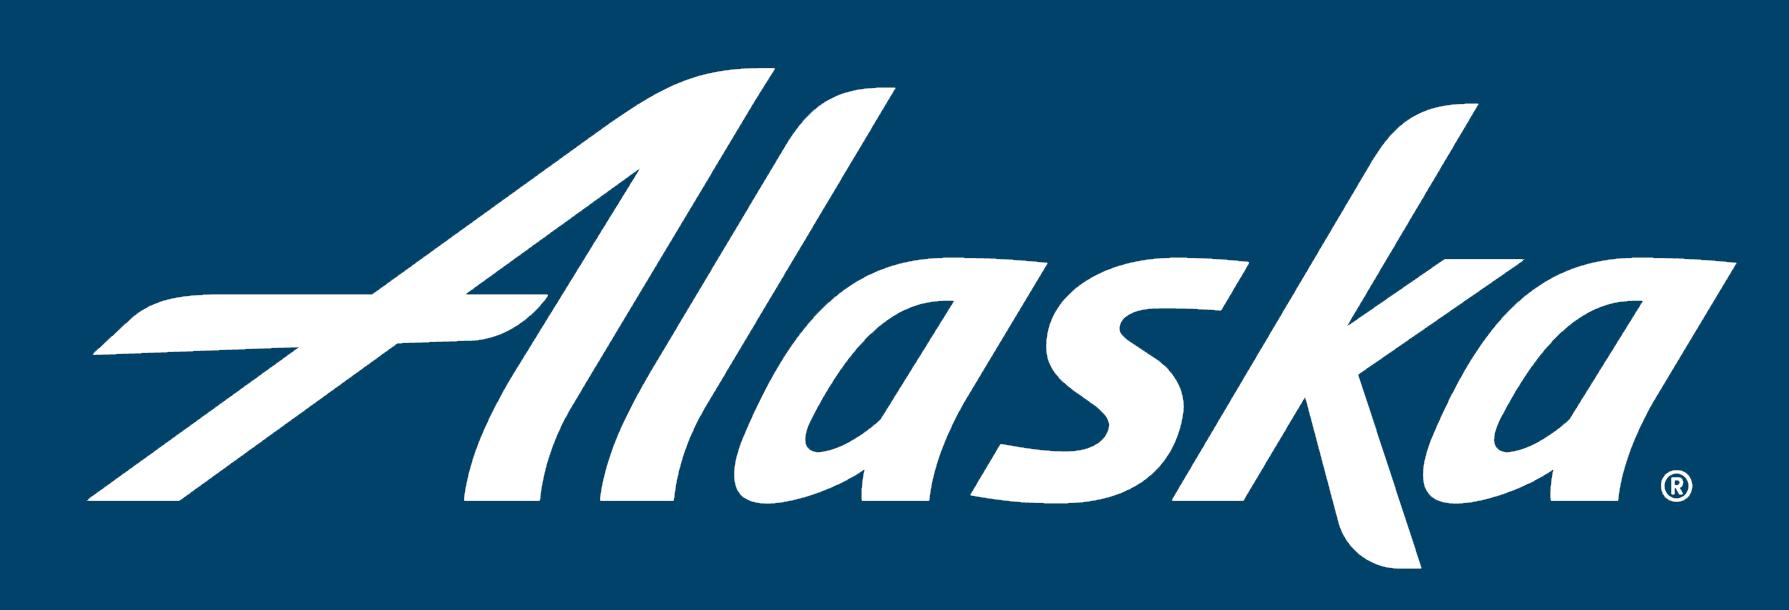 Alaska Airlines Logo PNG - 98102